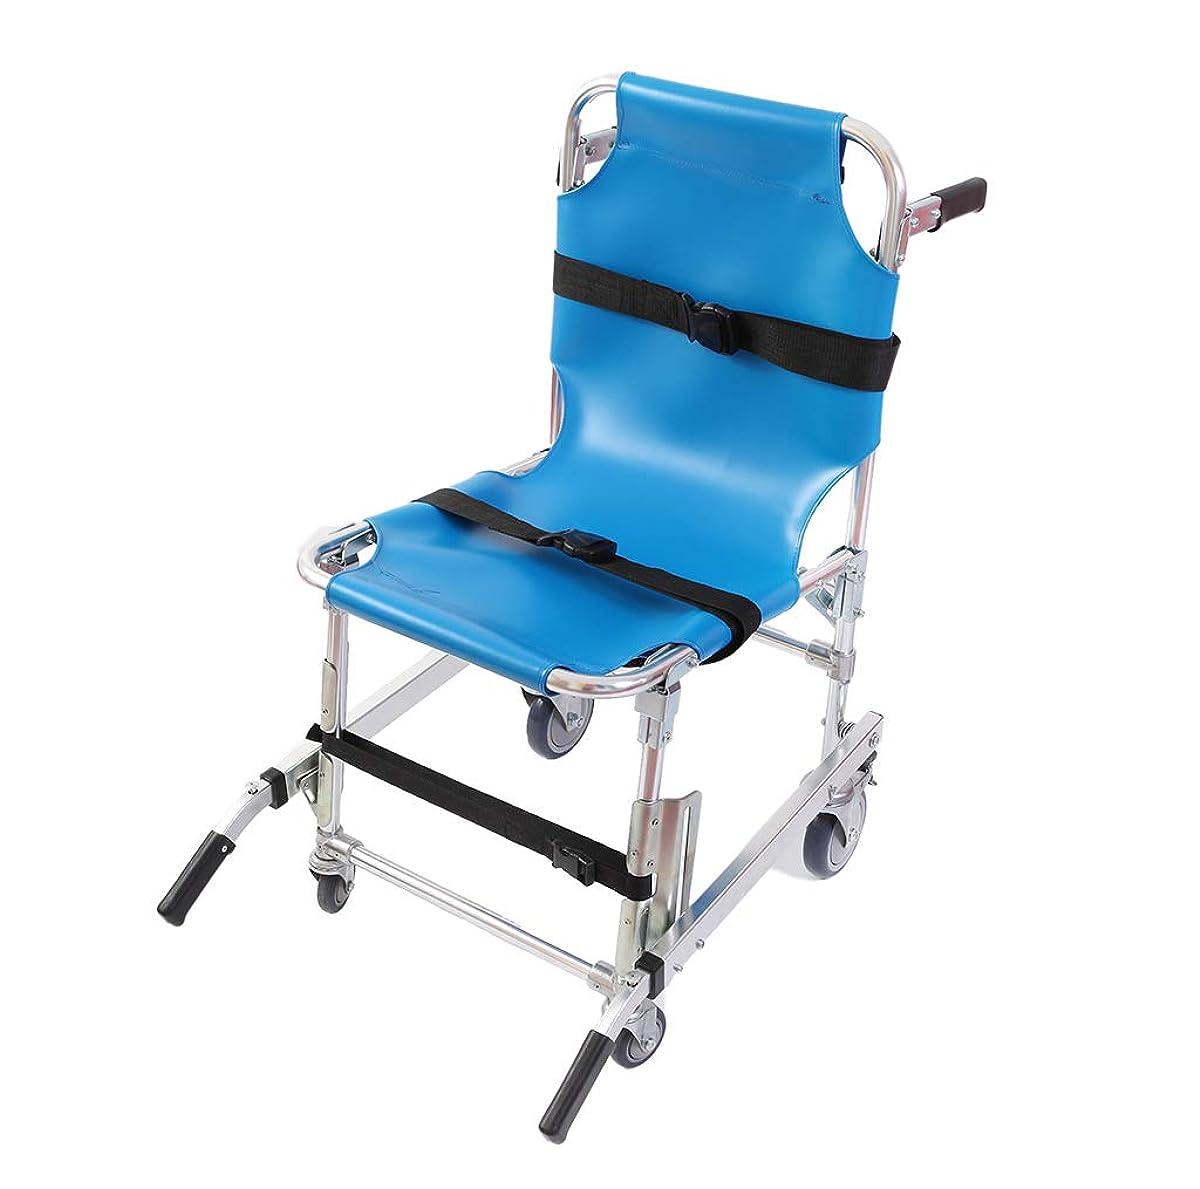 吸うヘルシー優雅なアルミ軽量EMS階段椅子緊急避難医療リフト階段椅子クイックリリースバックル付き、ブルー